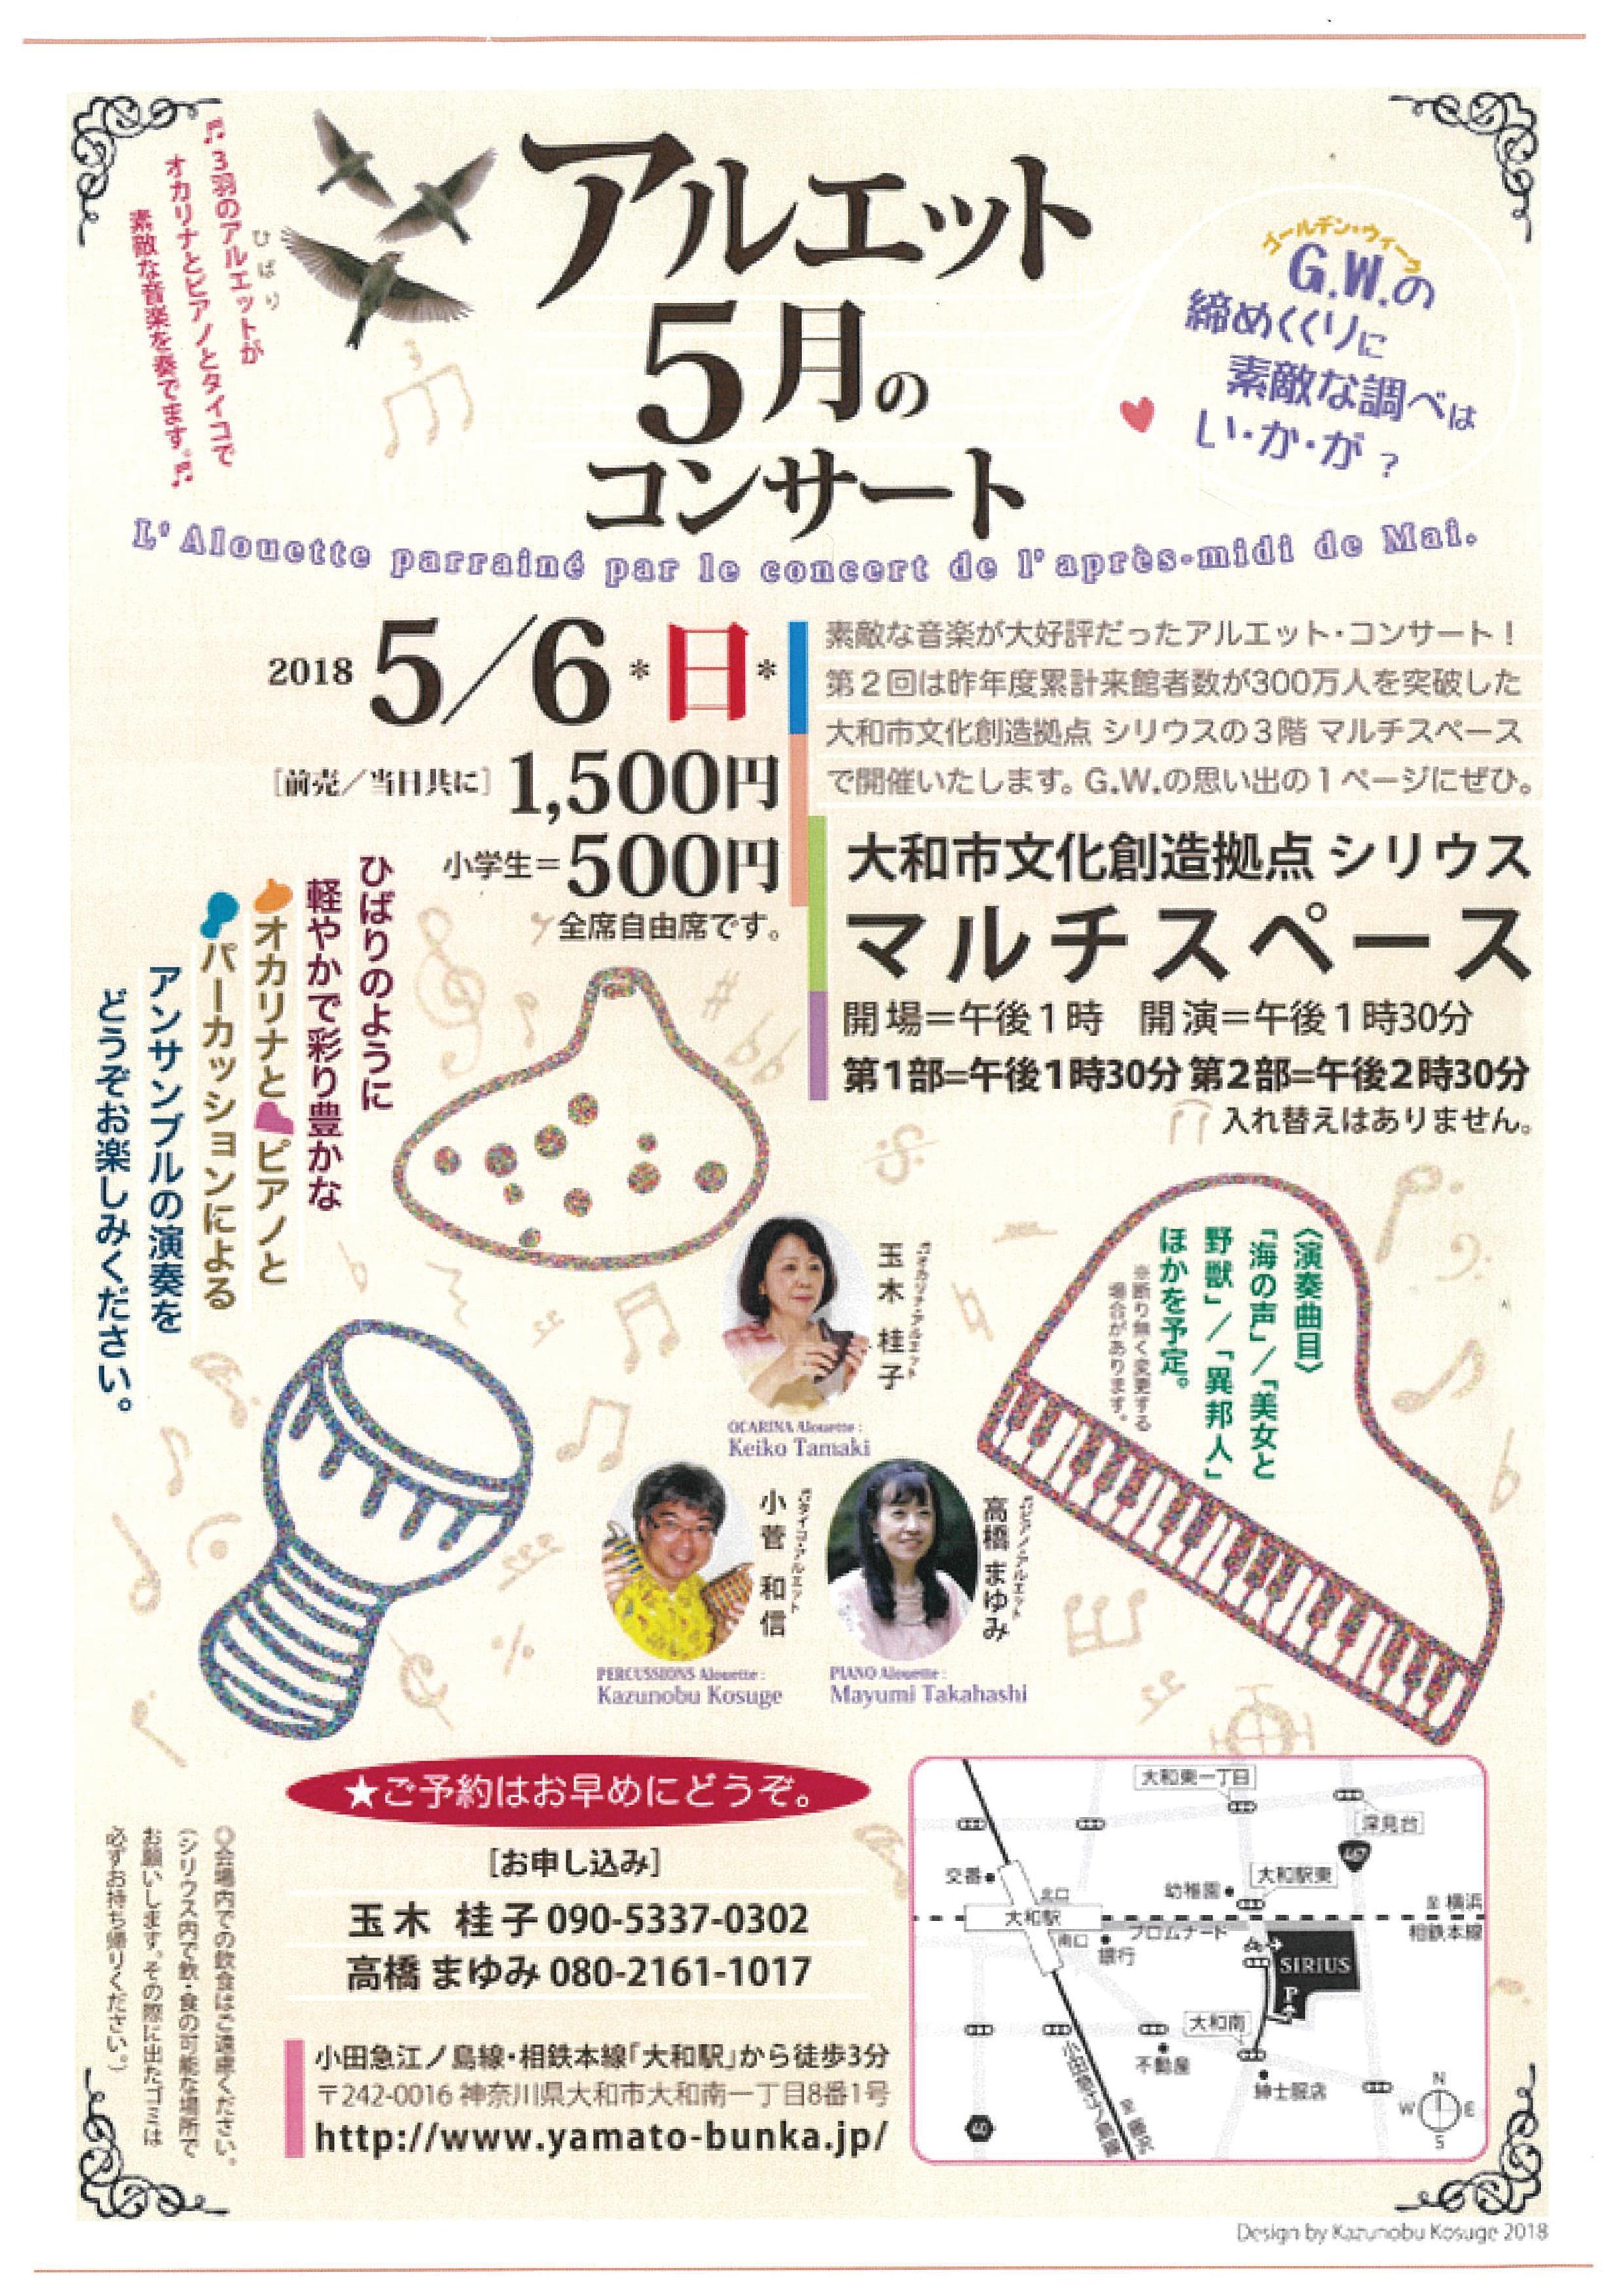 「アルエット(オカリナ+ピアノ+タイコ)5月のコンサート」